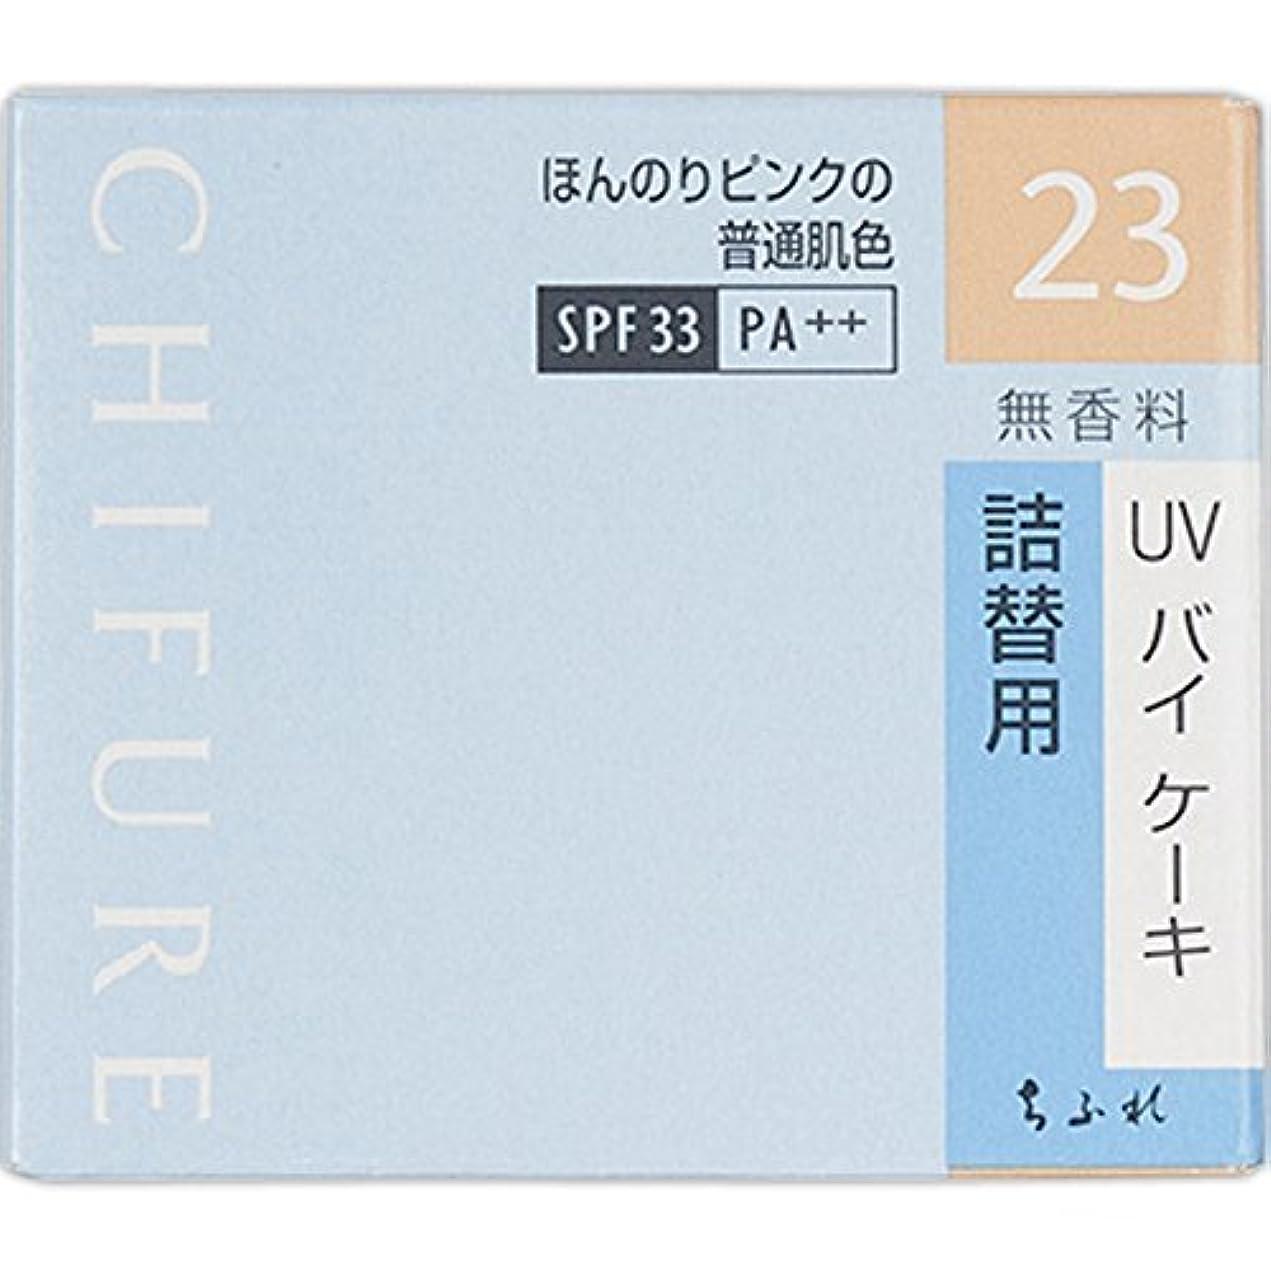 土曜日キウイ呼吸するちふれ化粧品 UV バイ ケーキ 詰替用 23 ほんのりピンク普通肌色 14g